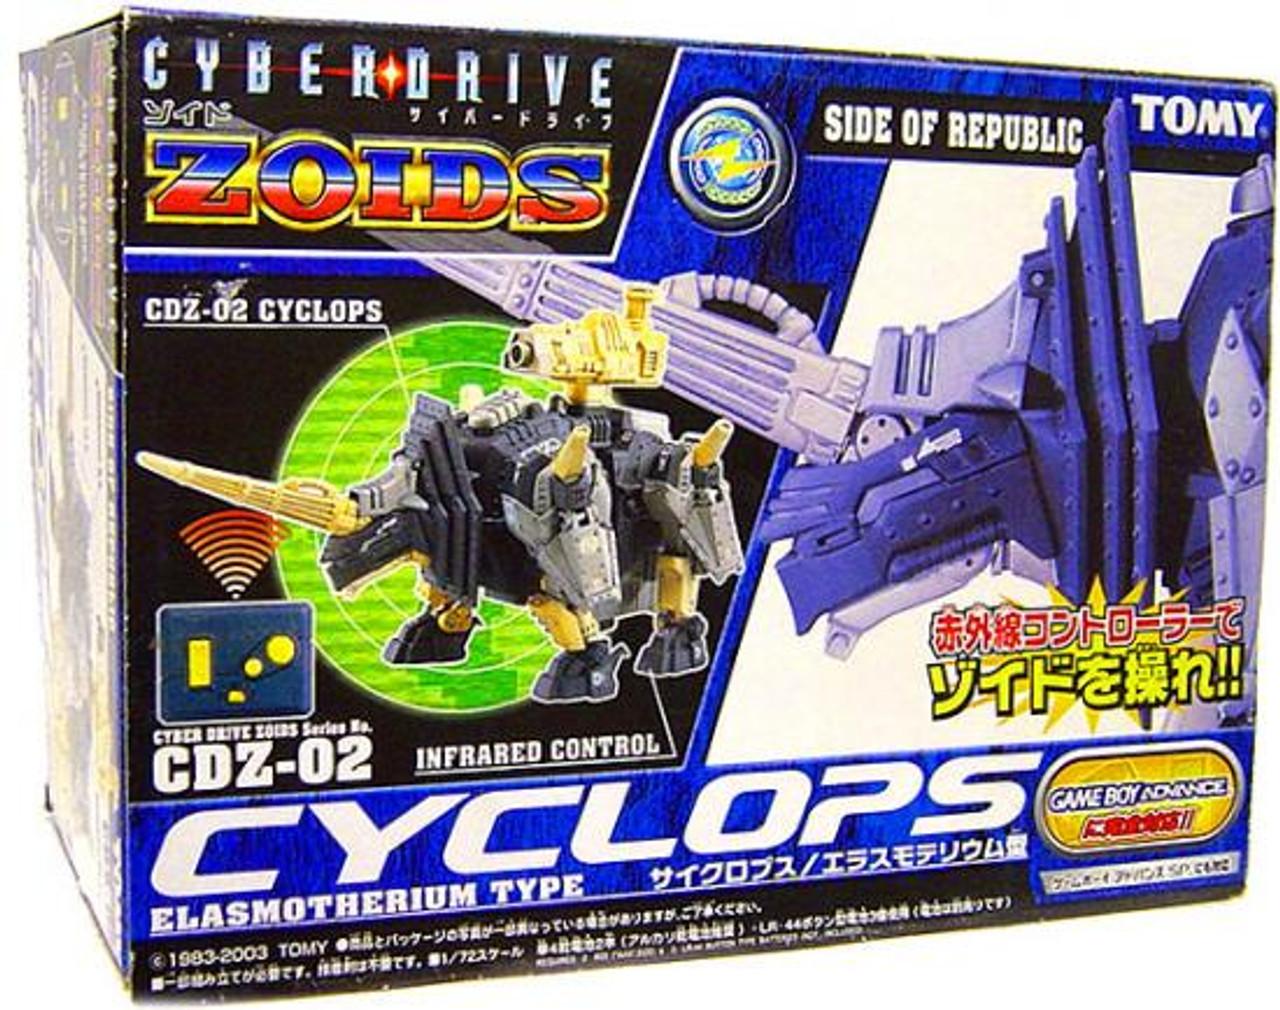 Zoids Cyberdrive Cyclops Model Kit CDZ-02